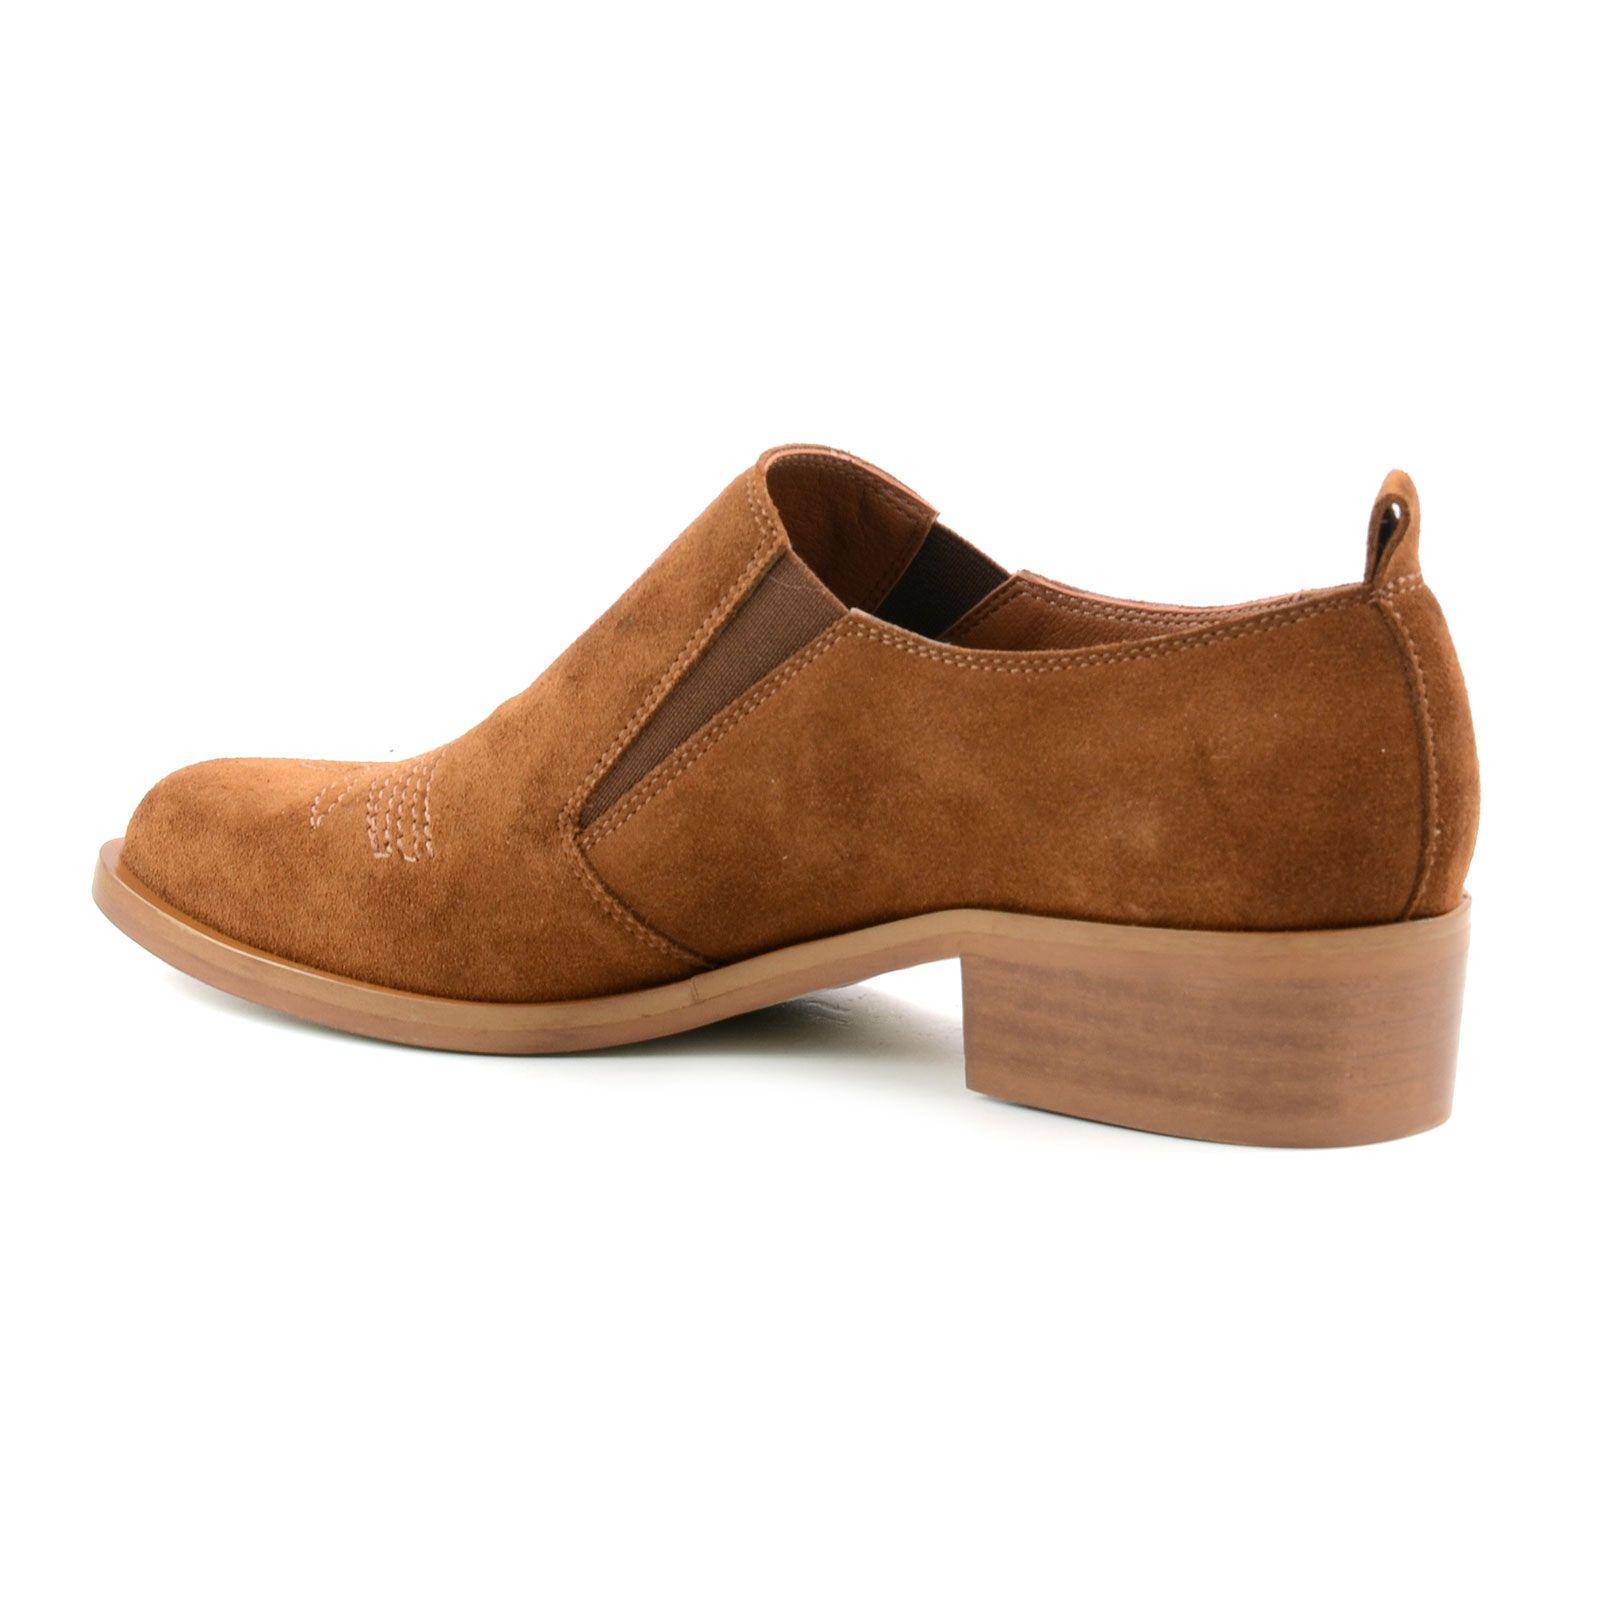 chaussures sans lacets en daim cognac femmes. Black Bedroom Furniture Sets. Home Design Ideas